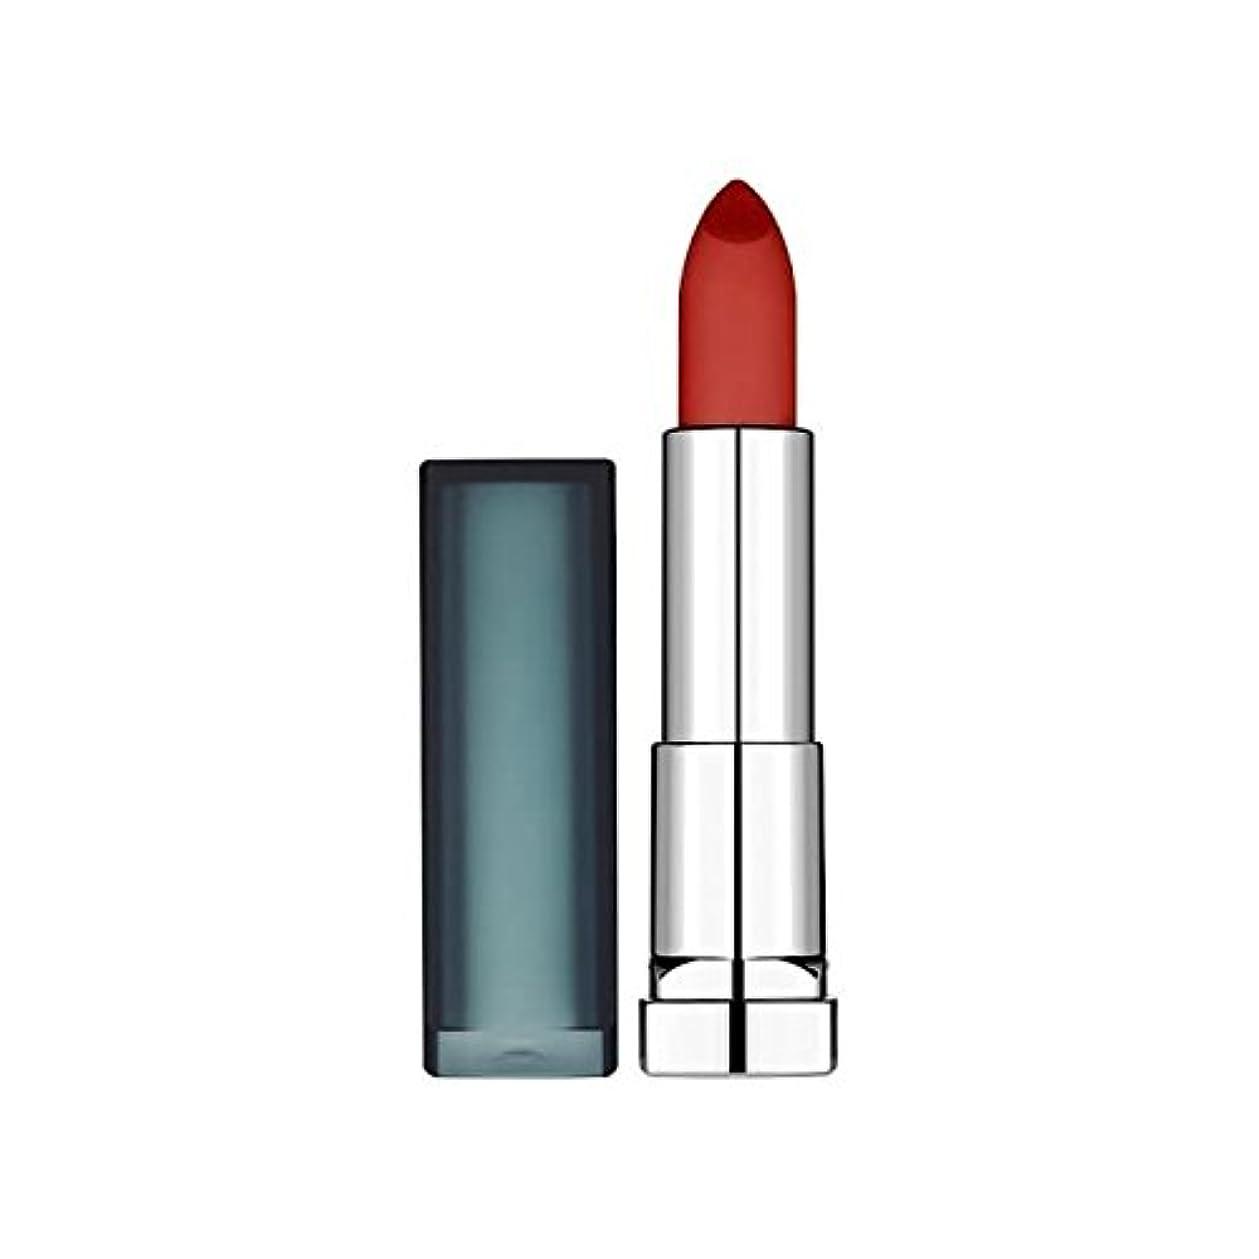 ソーシャル島タイトルMaybelline Sensational Lipstick Creamy Matte Burgundy Blush - メイベリンセンセーショナルな口紅クリーミーマットバーガンディ赤面 [並行輸入品]